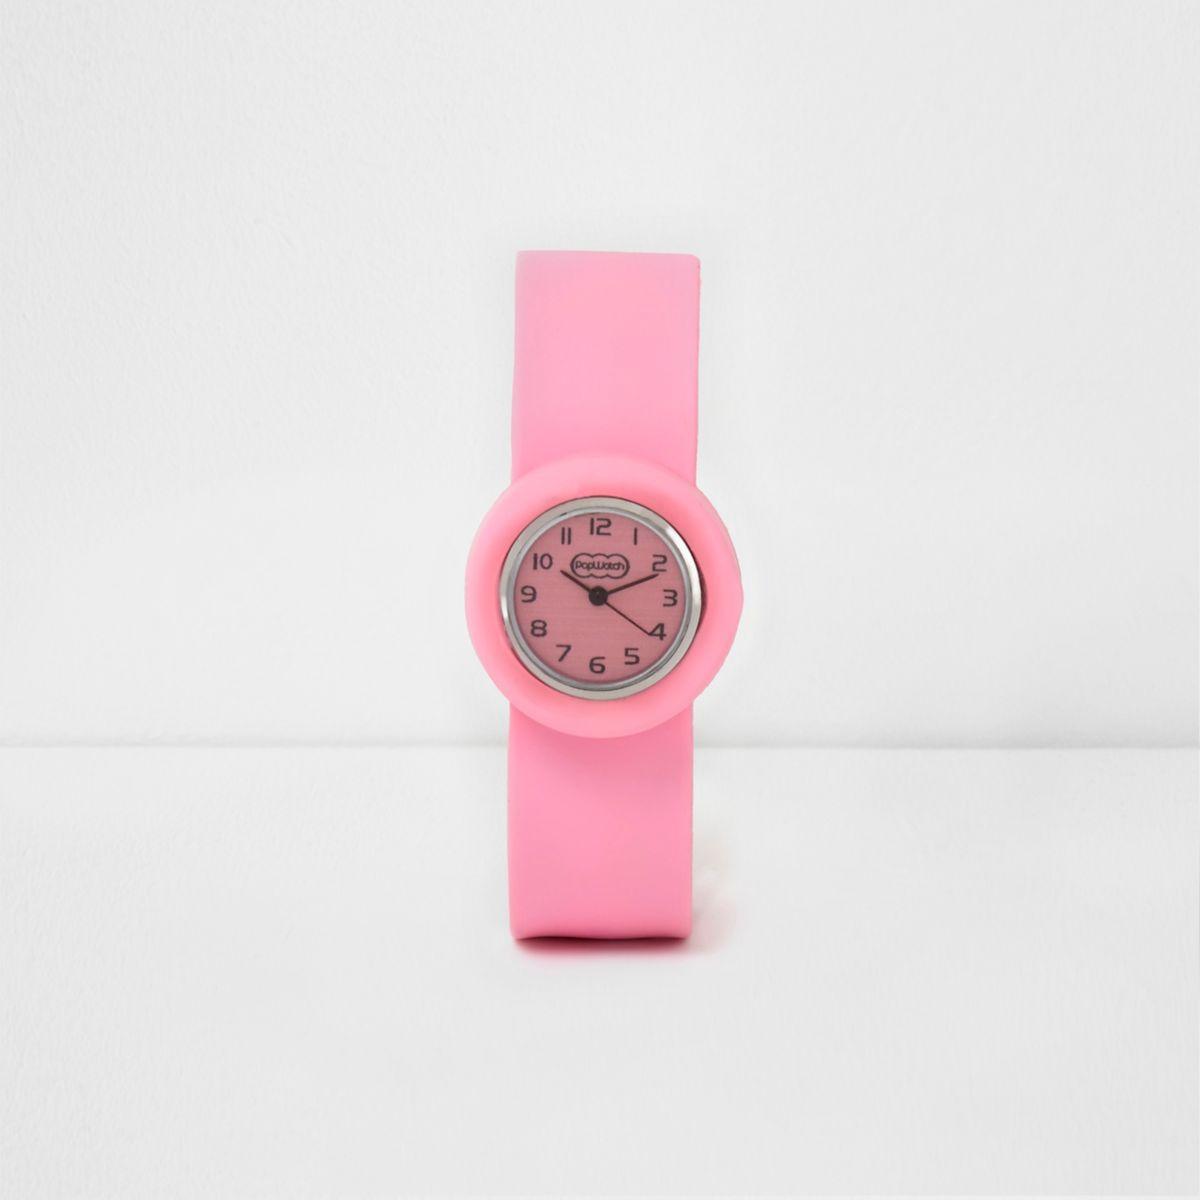 Montre clac rose clair pour fille